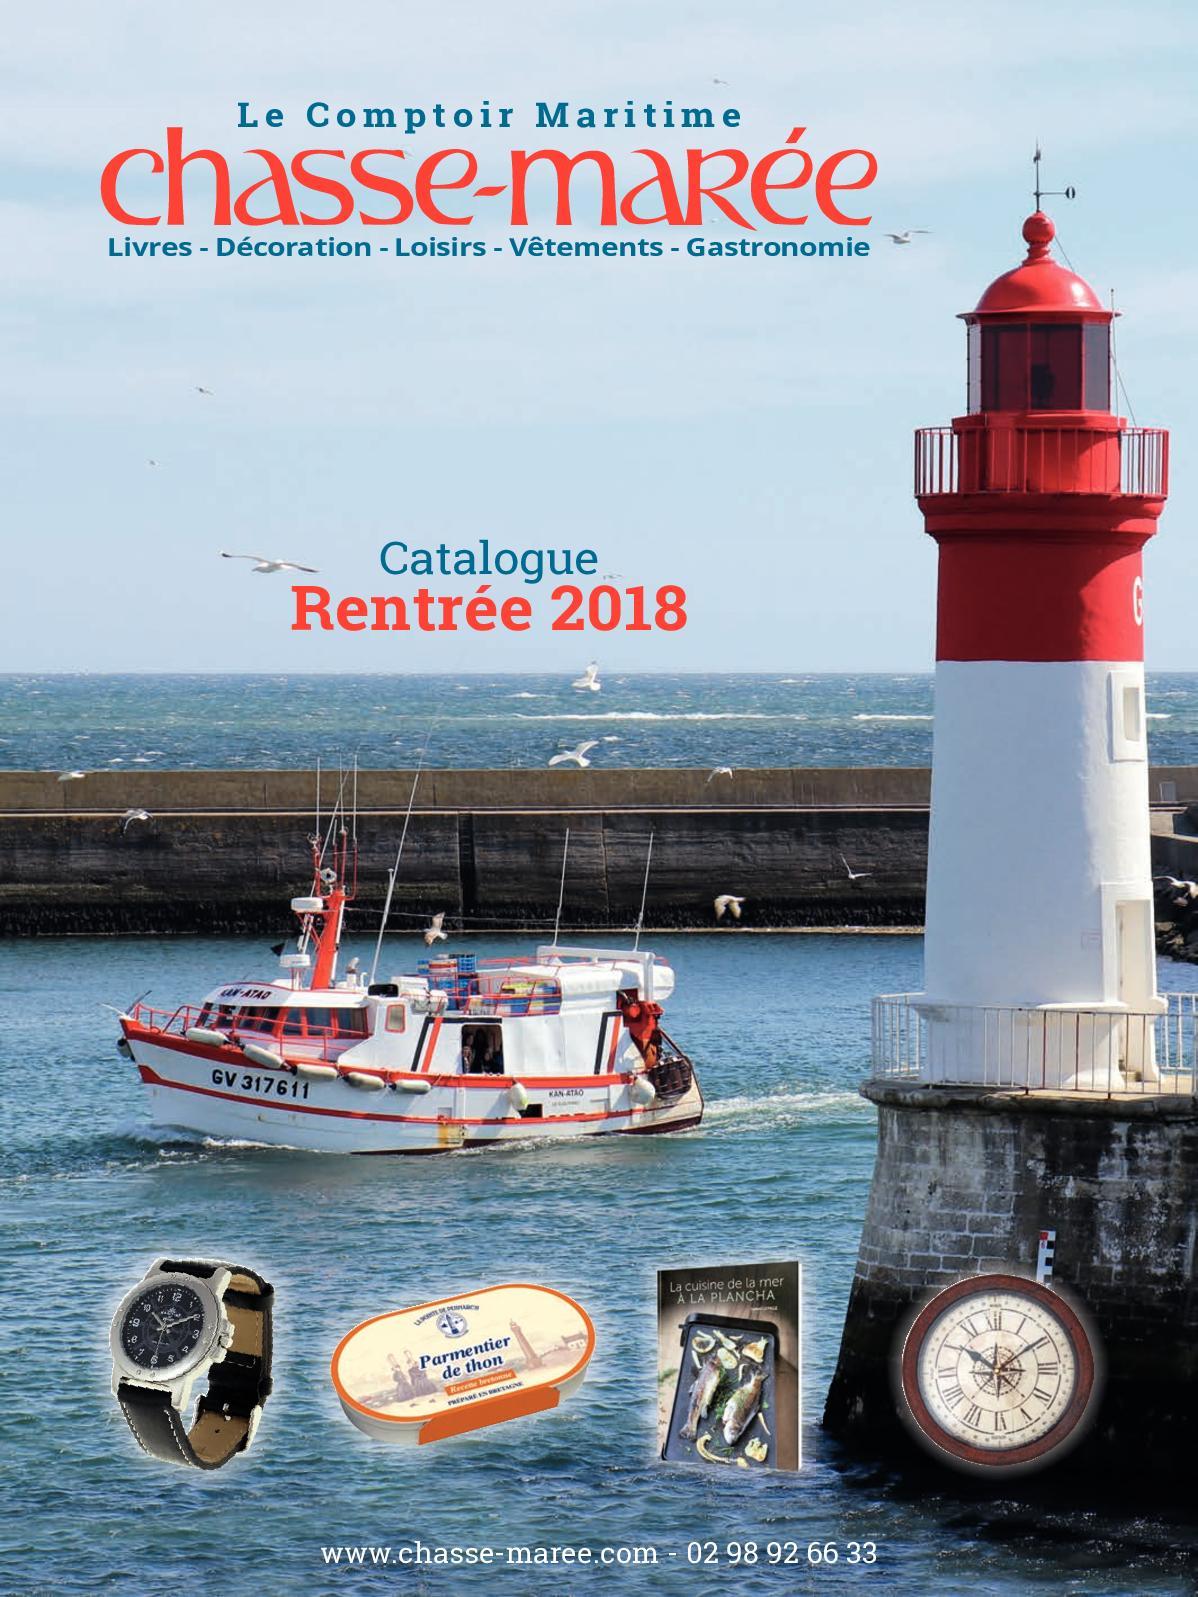 Calaméo - Catalogue Comptoir Maritime Chasse-Marée Rentrée 2018 6c7c90ece35f